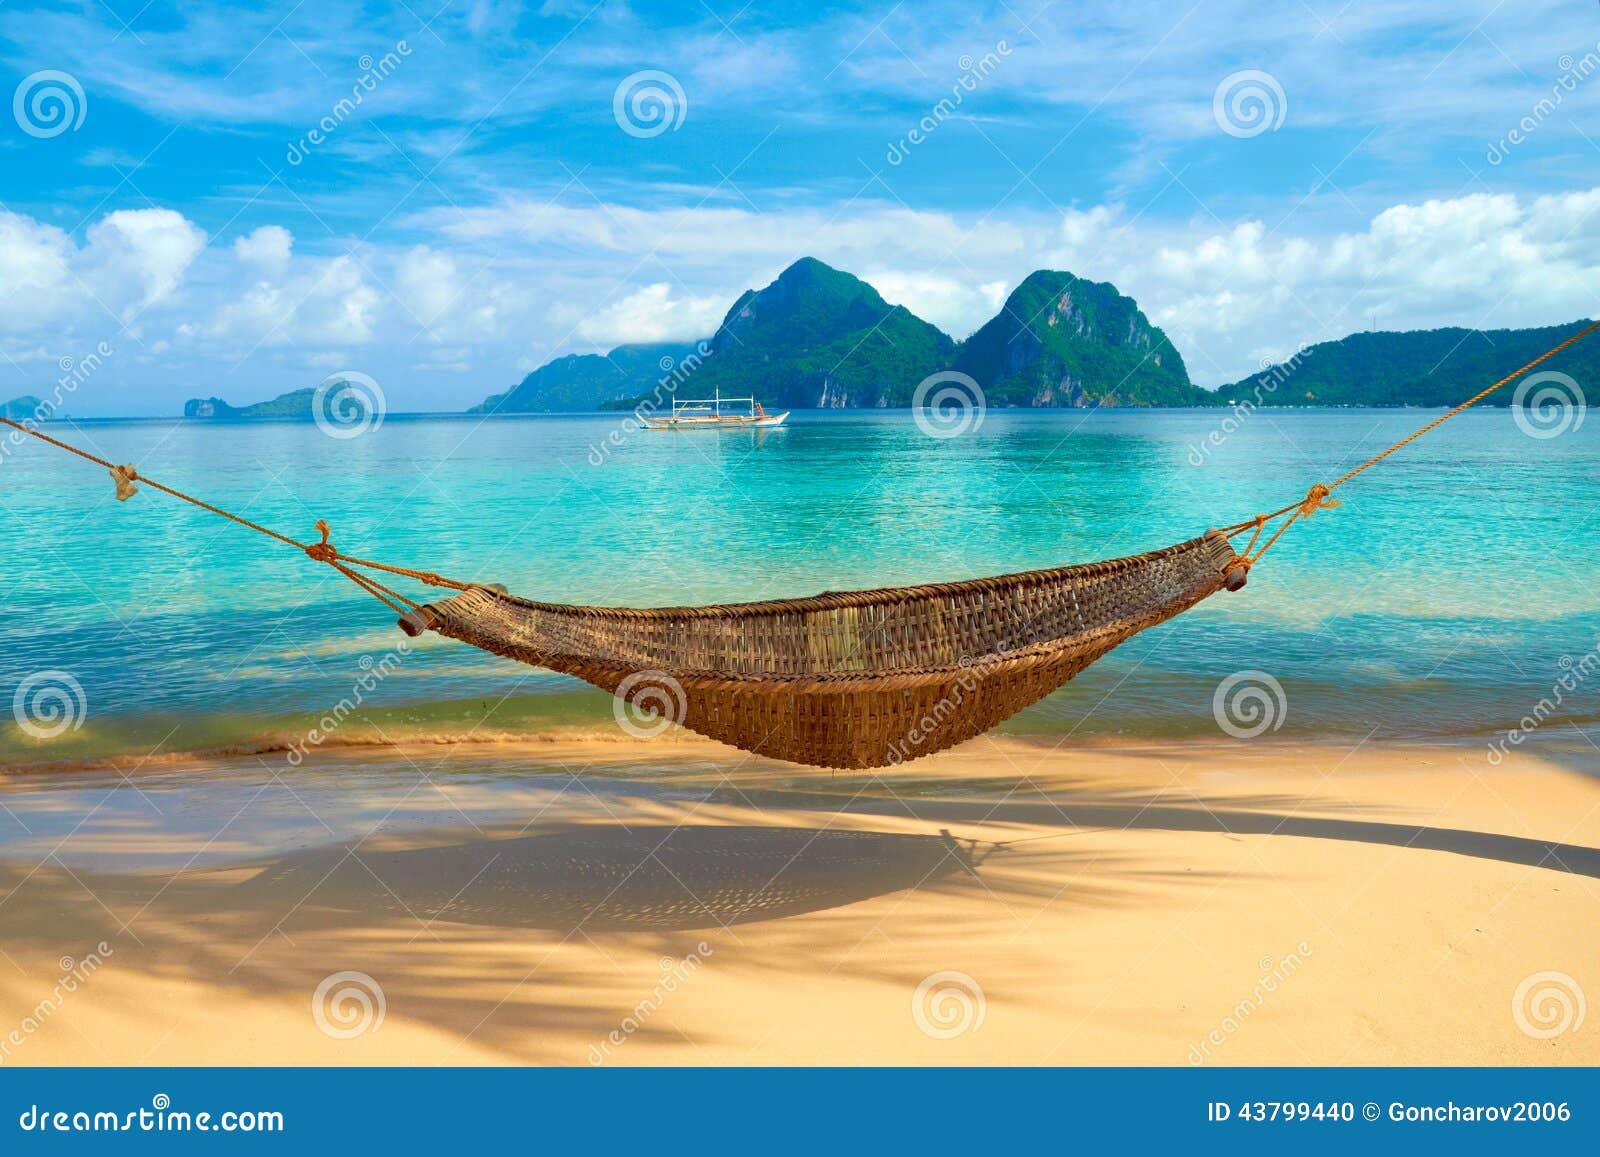 Una hamaca en la playa foto de archivo imagen 43799440 - Hamacas de playa ...